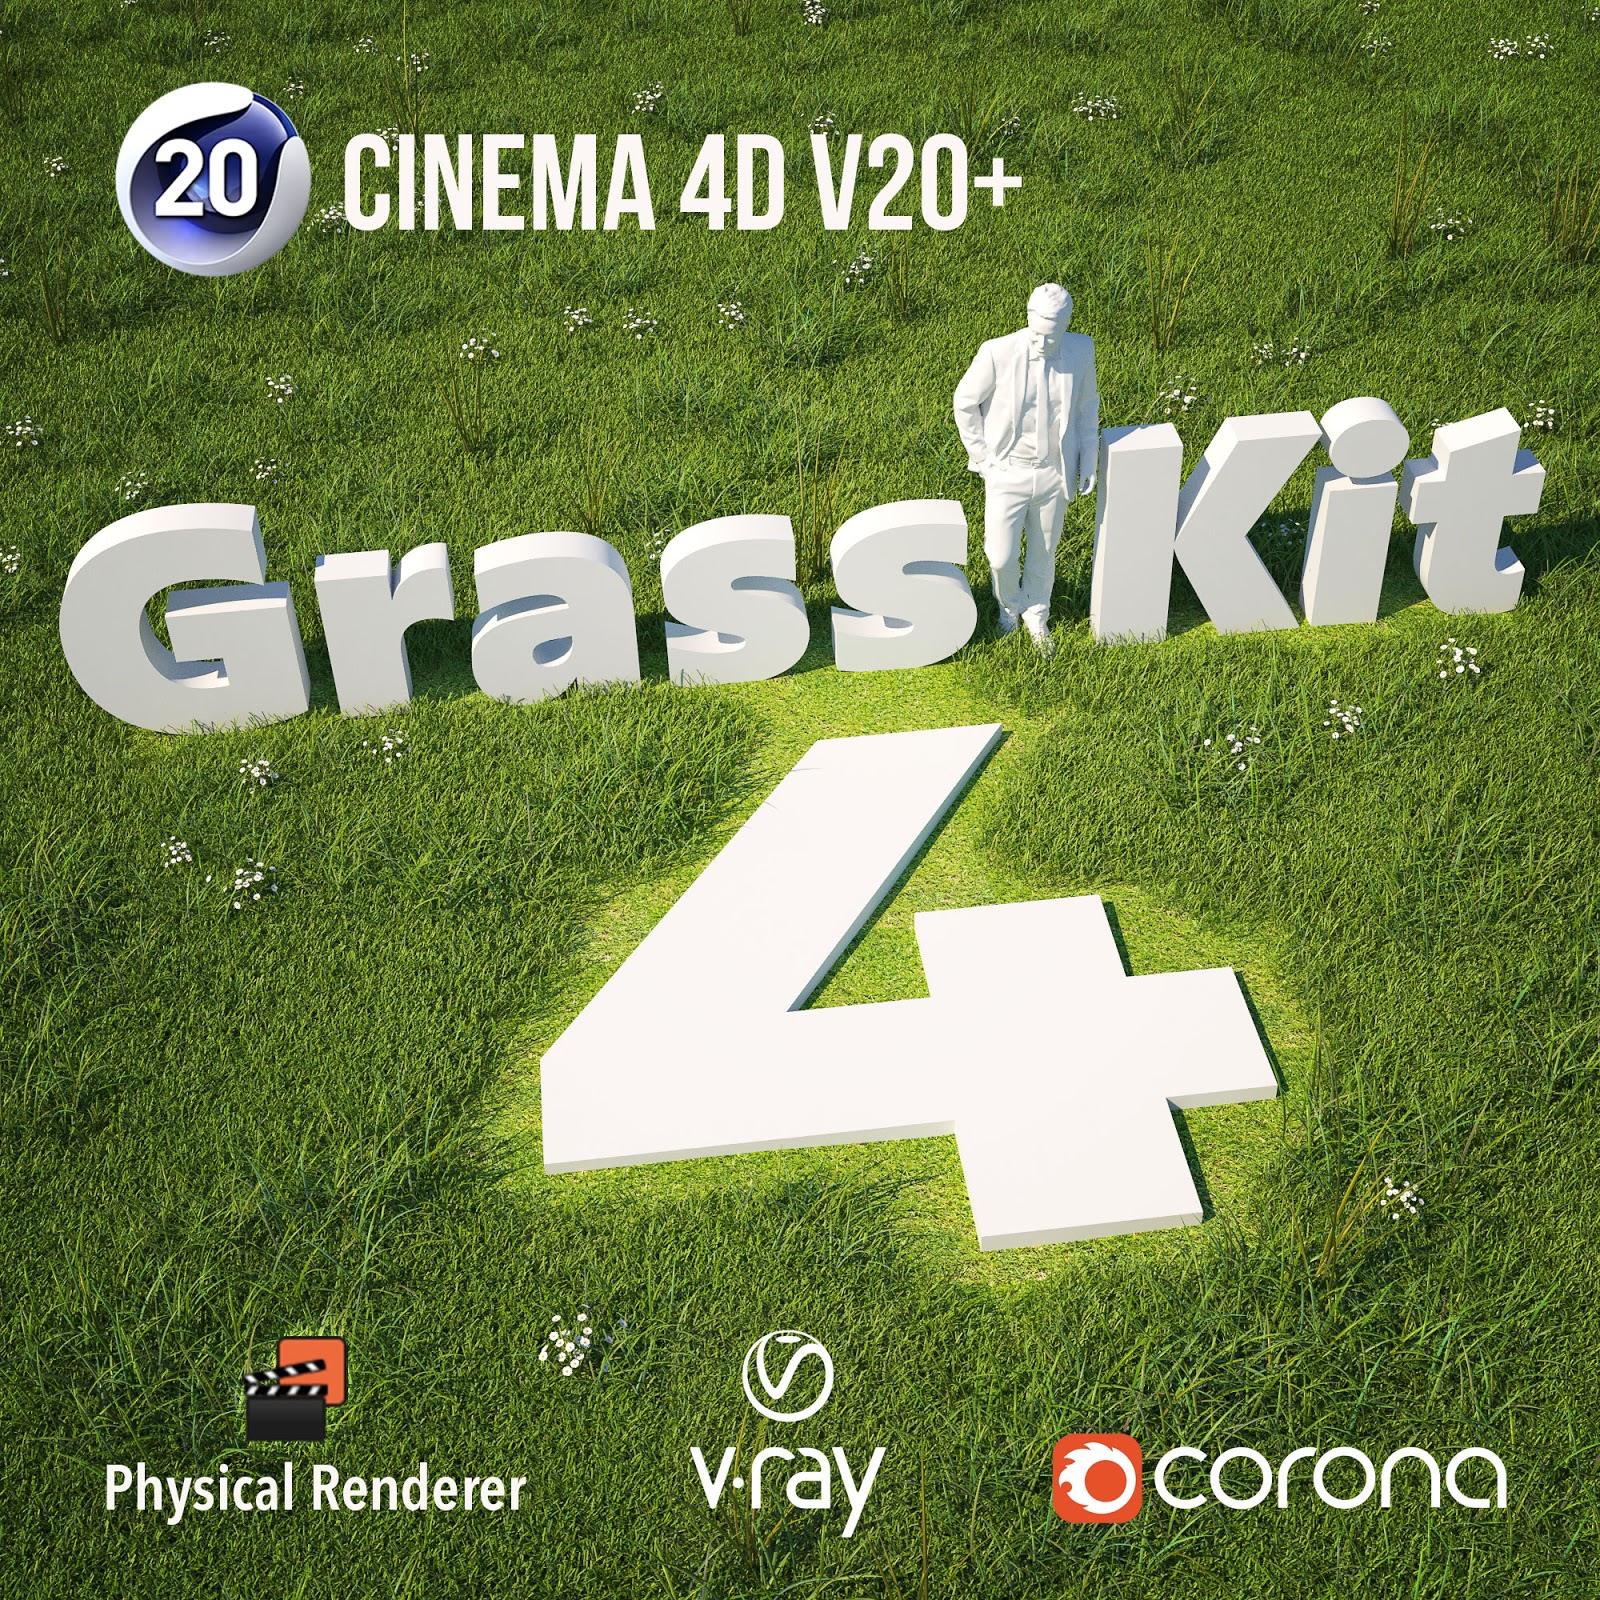 CGTalk   Grass kit v4   cinema 4d r20+